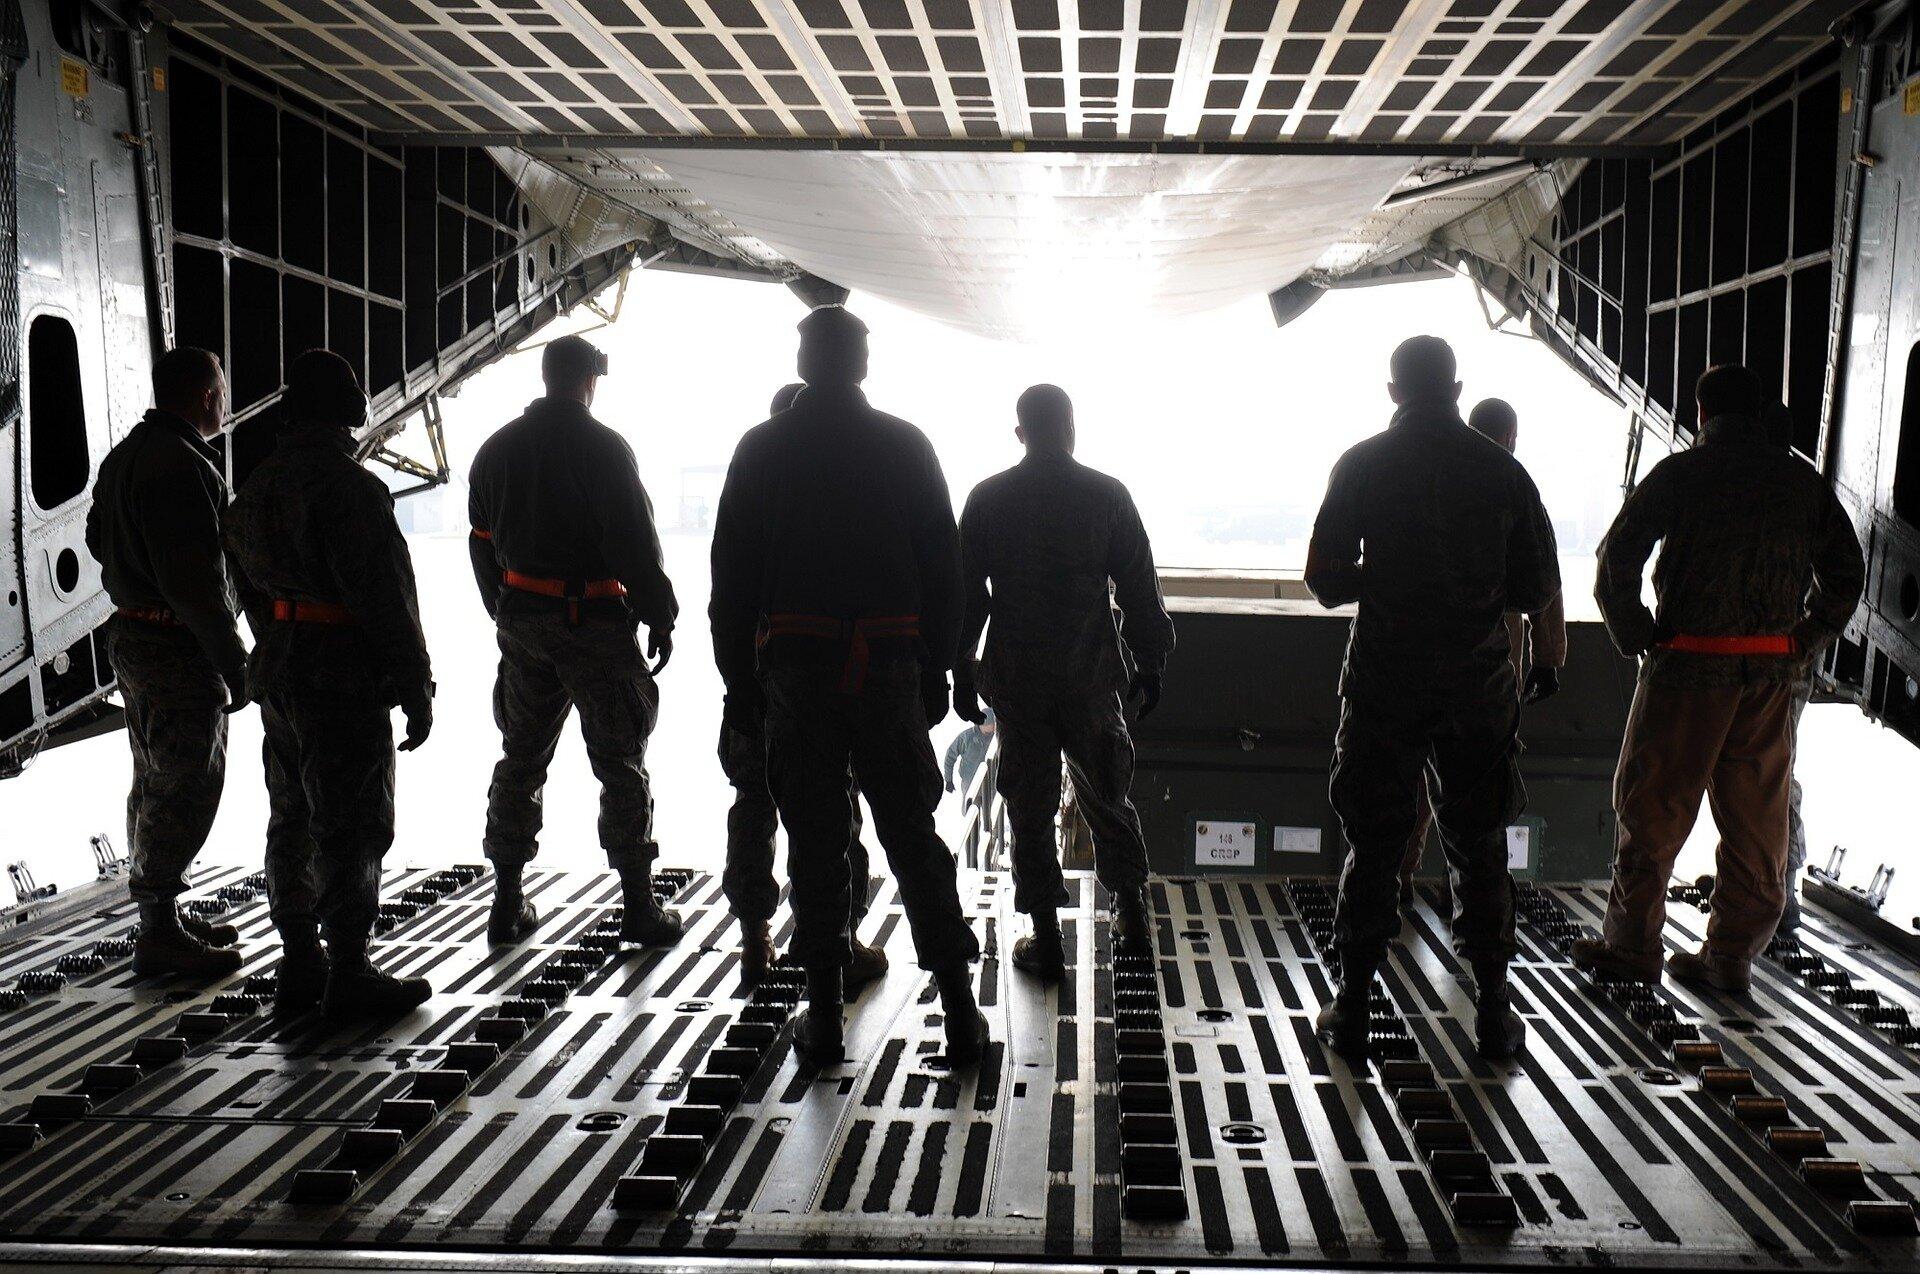 Meinung: In Australien gegen das coronavirus, das Militär sollte eine größere Rolle spielen